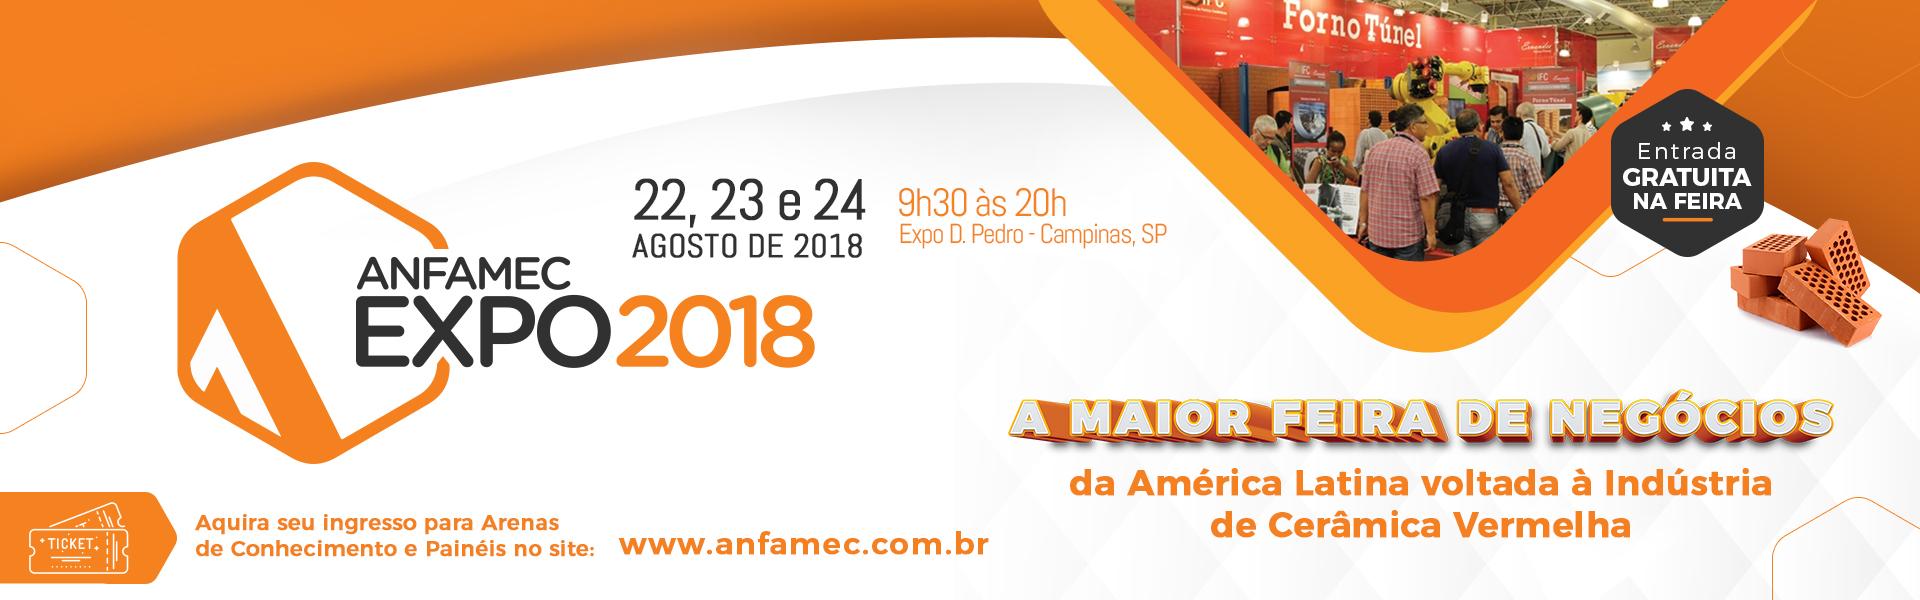 ANFAMEC – EXPO 2018